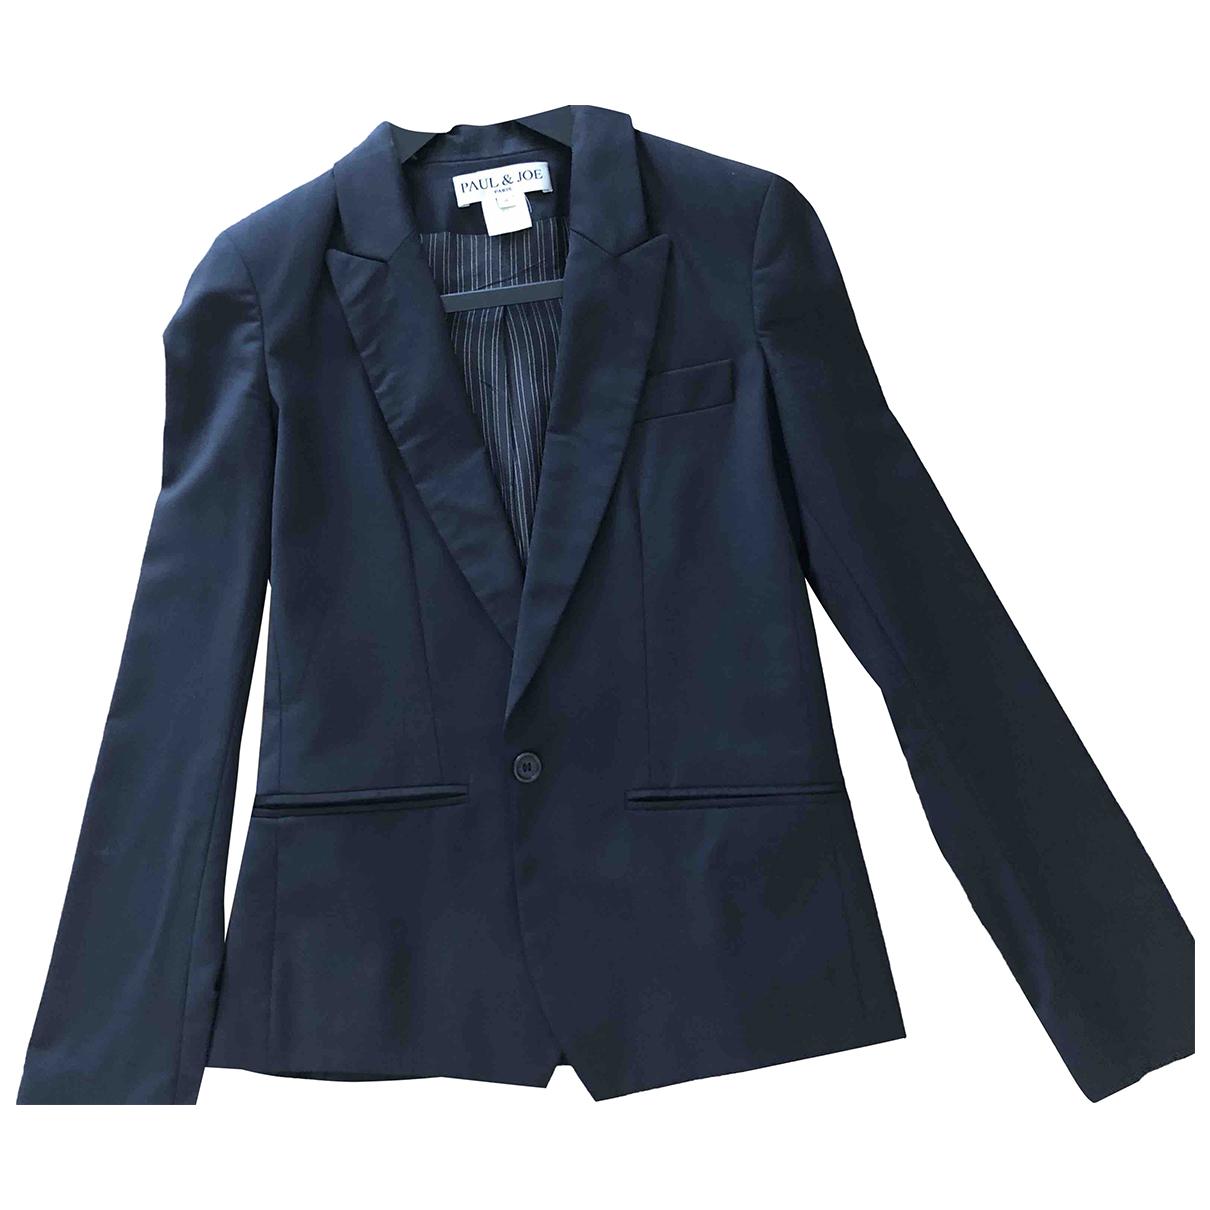 Paul & Joe \N Black Wool jacket for Women 40 FR